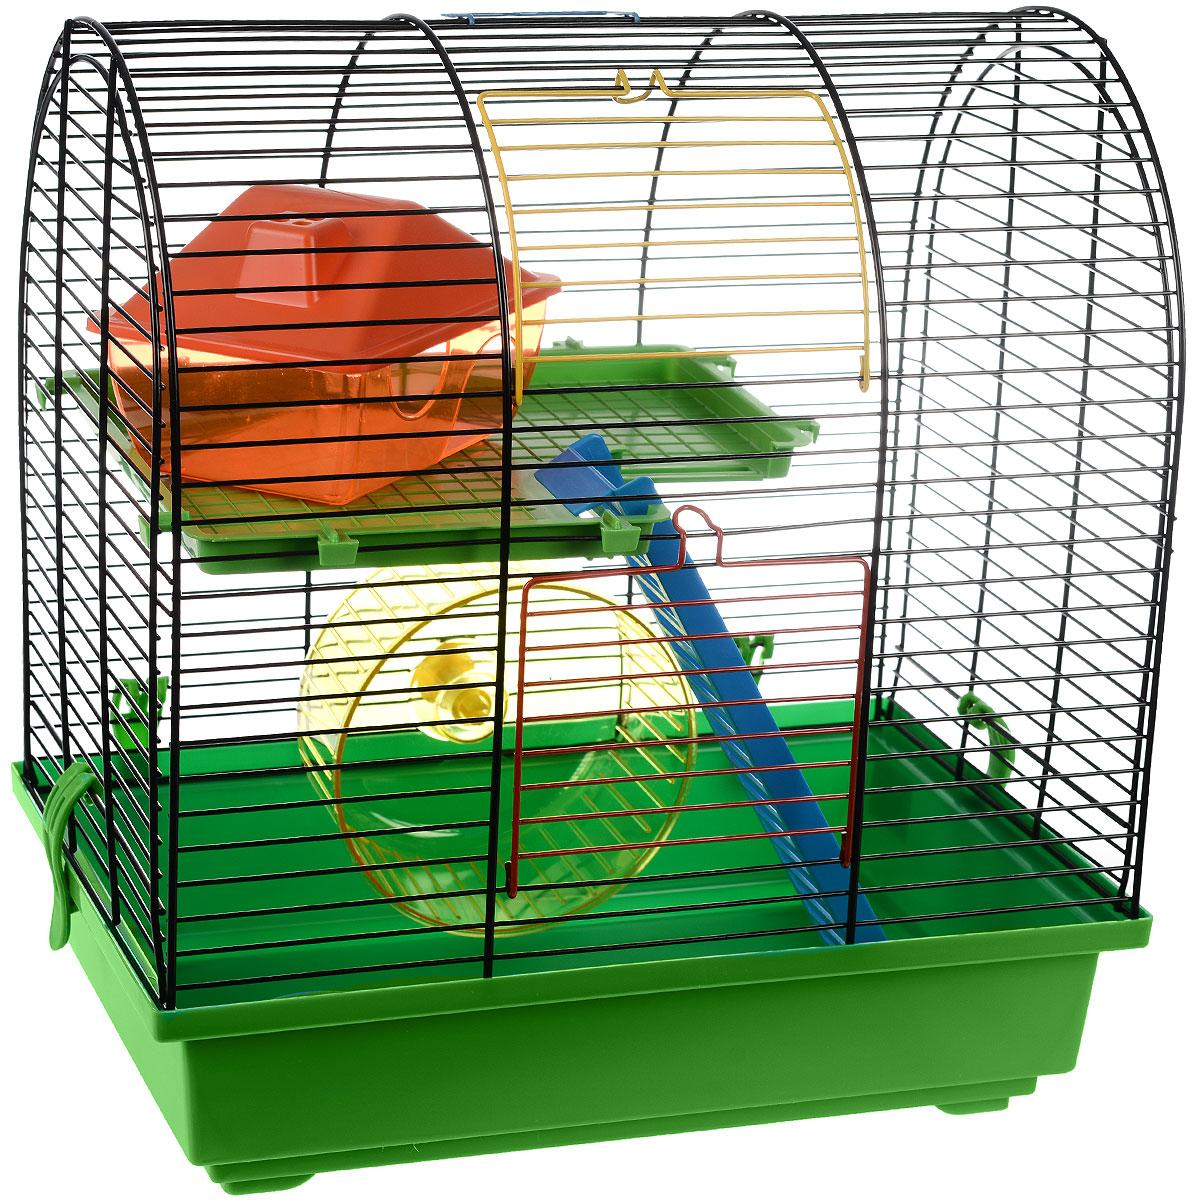 Клетка для грызунов I.P.T.S. Grim 2, цвет: черный, зеленый, 37 см х 25 см х 39 см25365Небольшая клетка снабжена всем необходимым для отдыха и активной жизни грызунов. Клетка оборудована колесом для подвижных игр, домиком для отдыха и отдельным местом для кормления. Клетка выполнена из пластика и металла. Надежно закрывается на защелки. Подходит для хомяков и других мелких грызунов. Такая клетка станет уединенным личным пространством и уютным домиком для маленького грызуна.